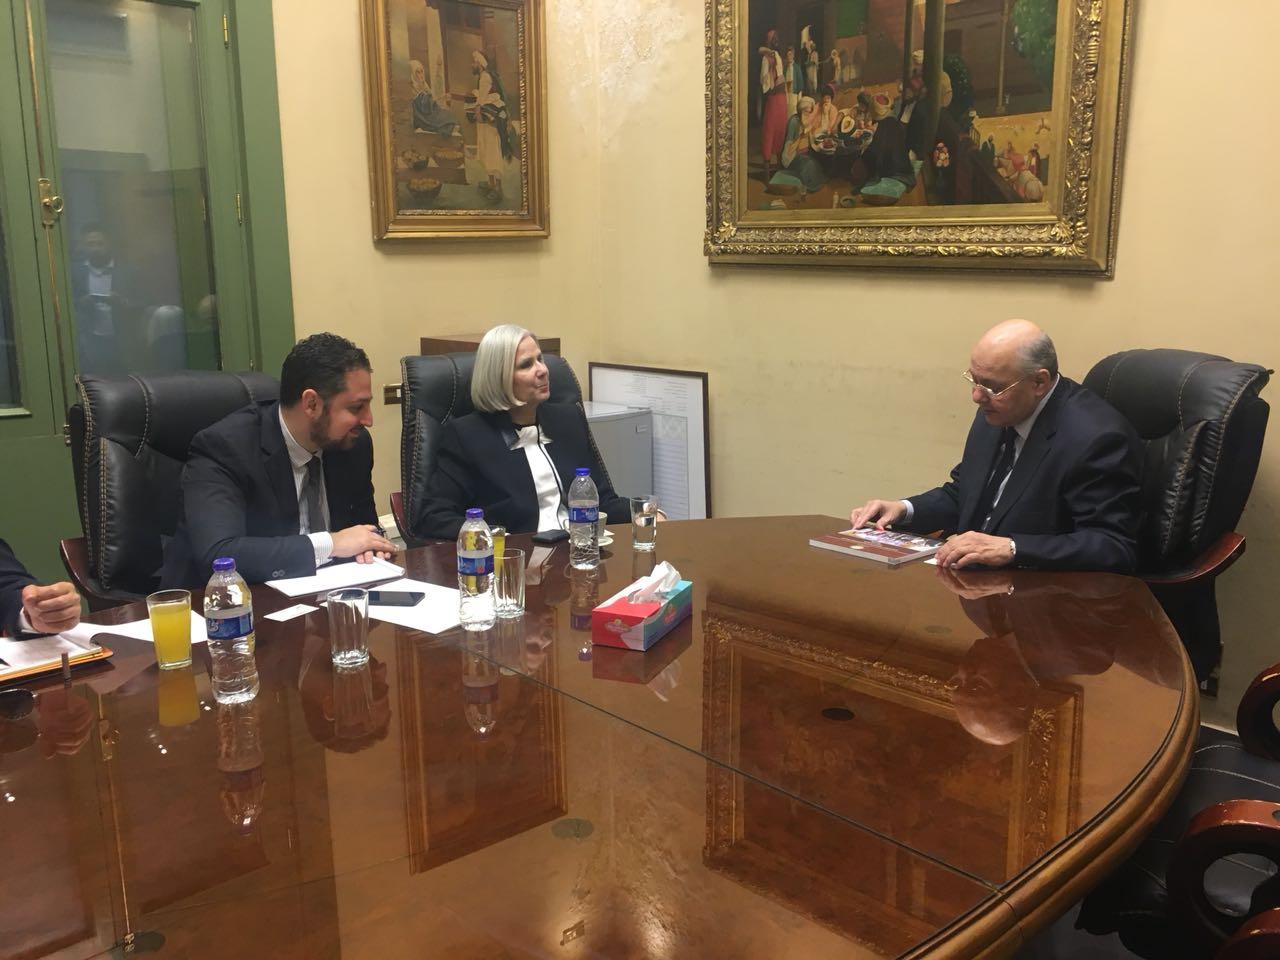 بالصور  موسى مصطفى موسى يلتقى بالسفيرة هيفاء أبو غزالة